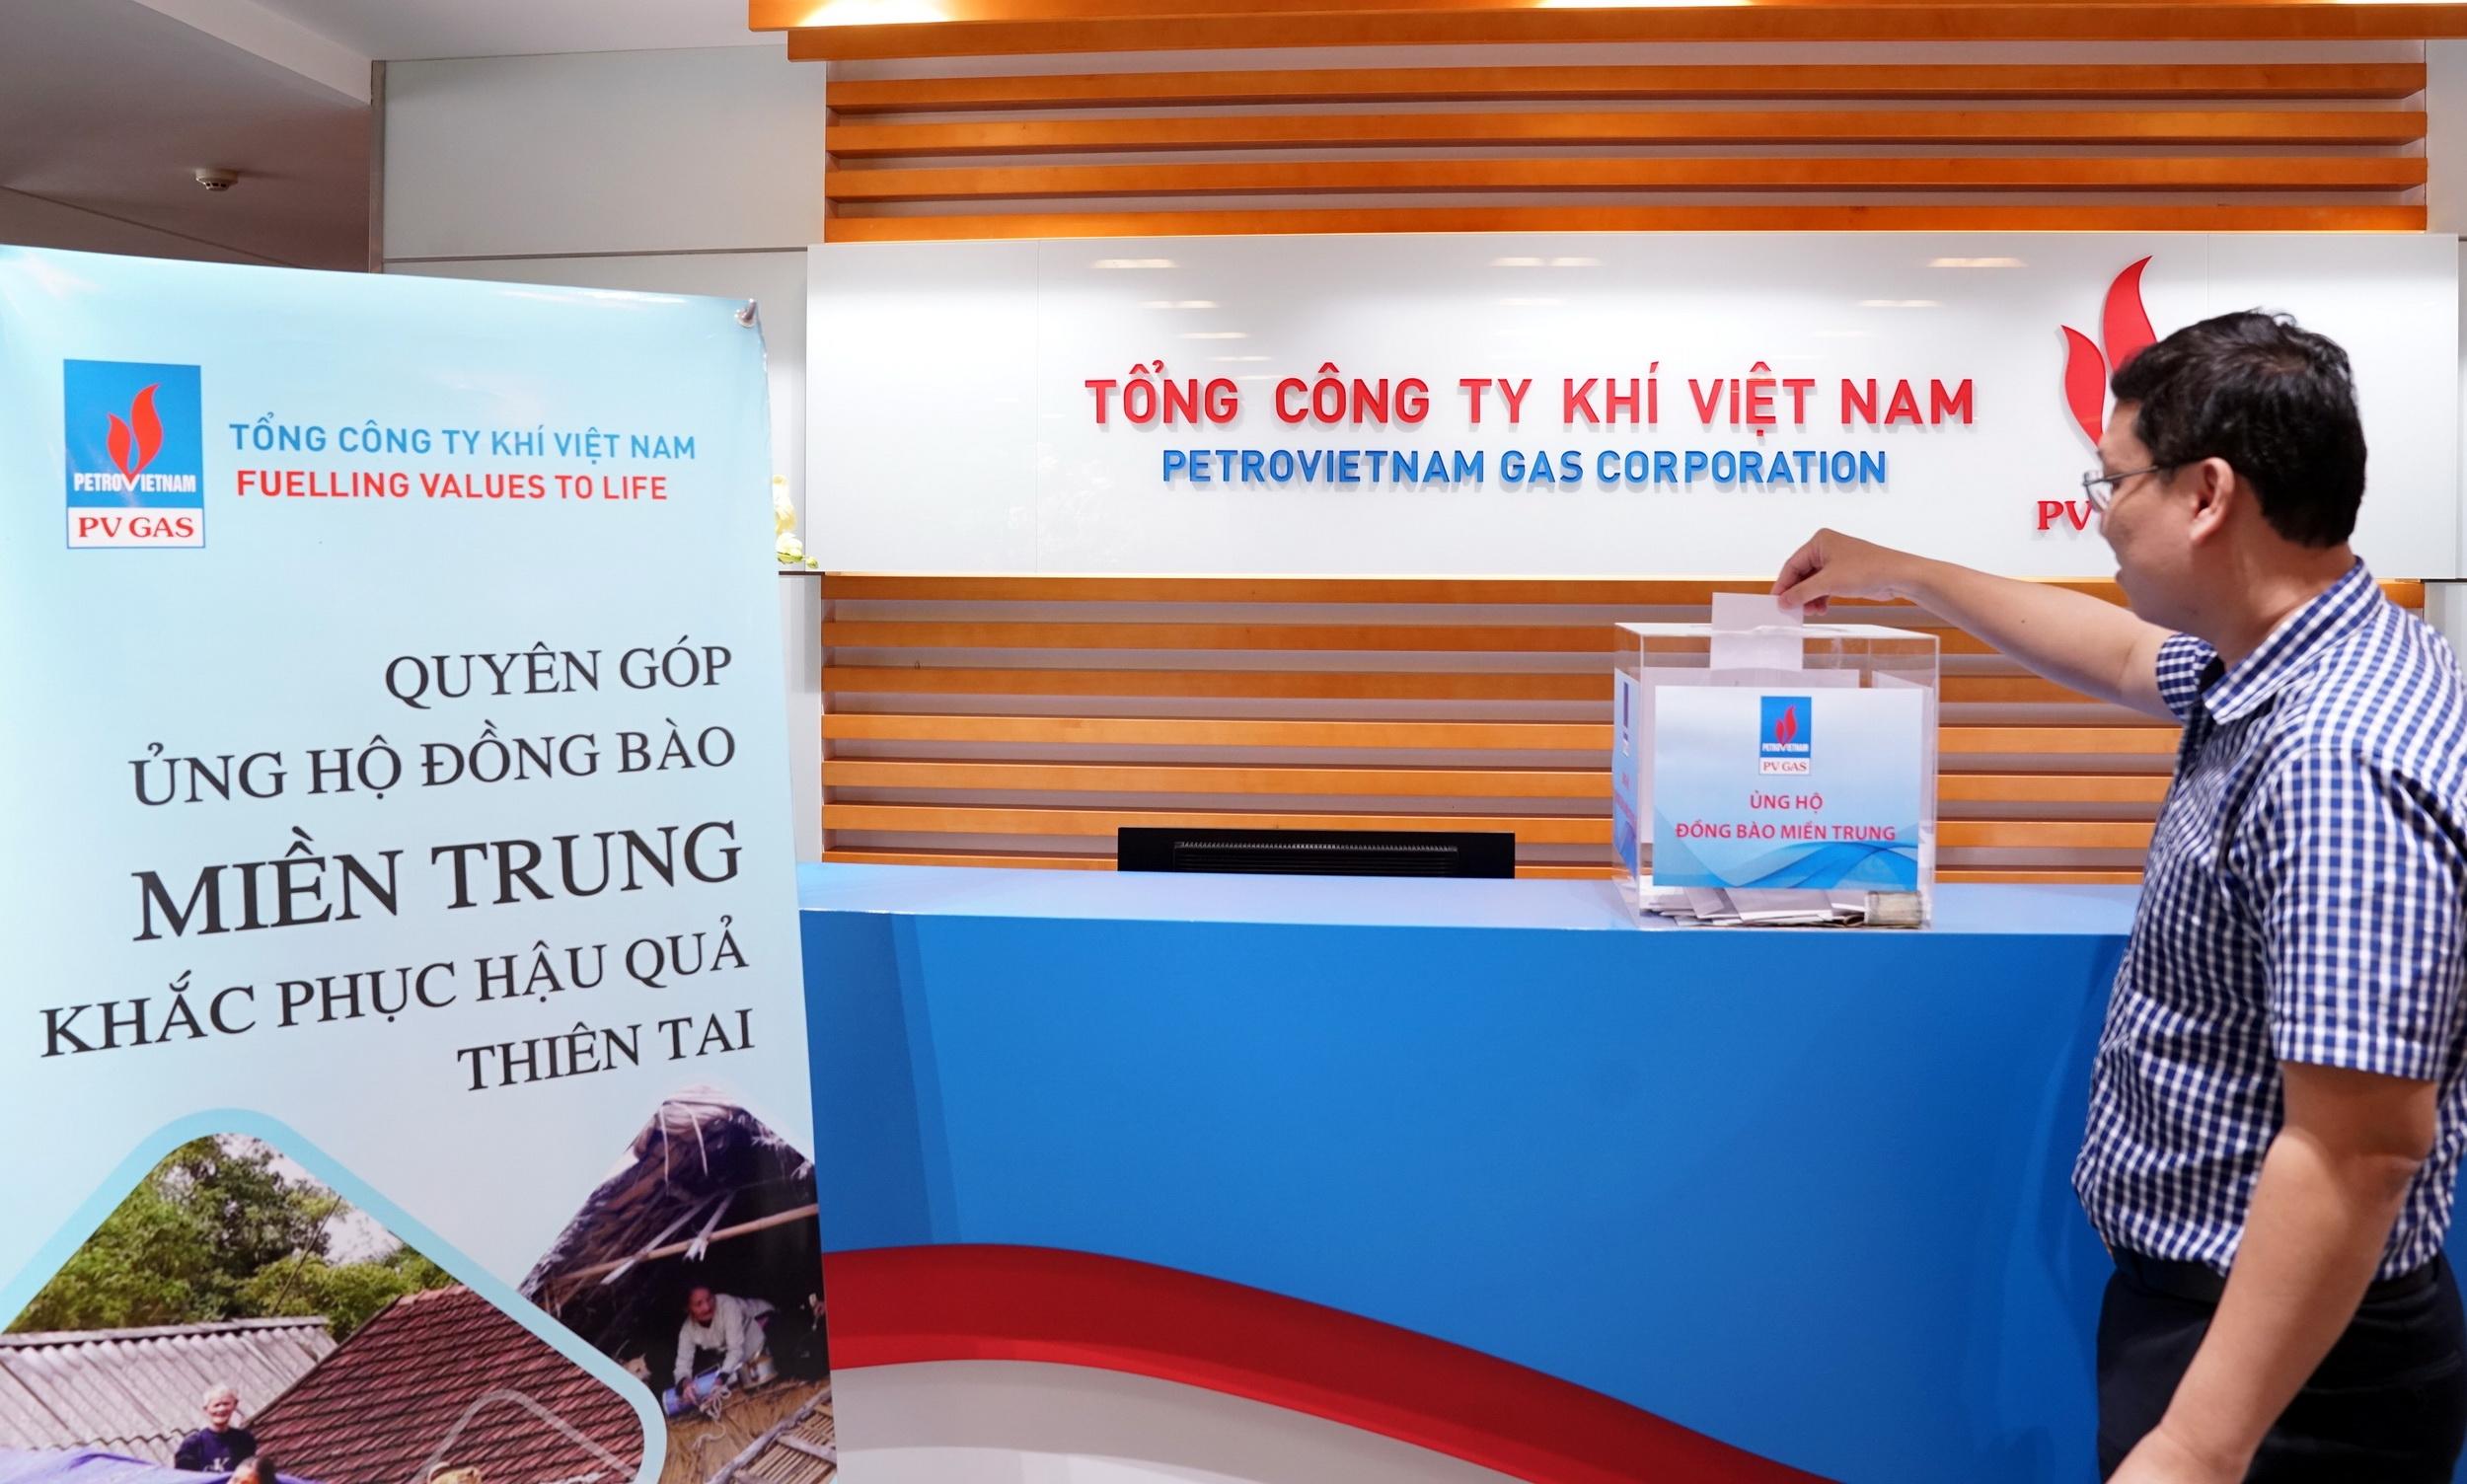 NLĐ PV GAS tham gia ủng hộ đồng bào miền Trung khắc phục hậu quả bão lụt